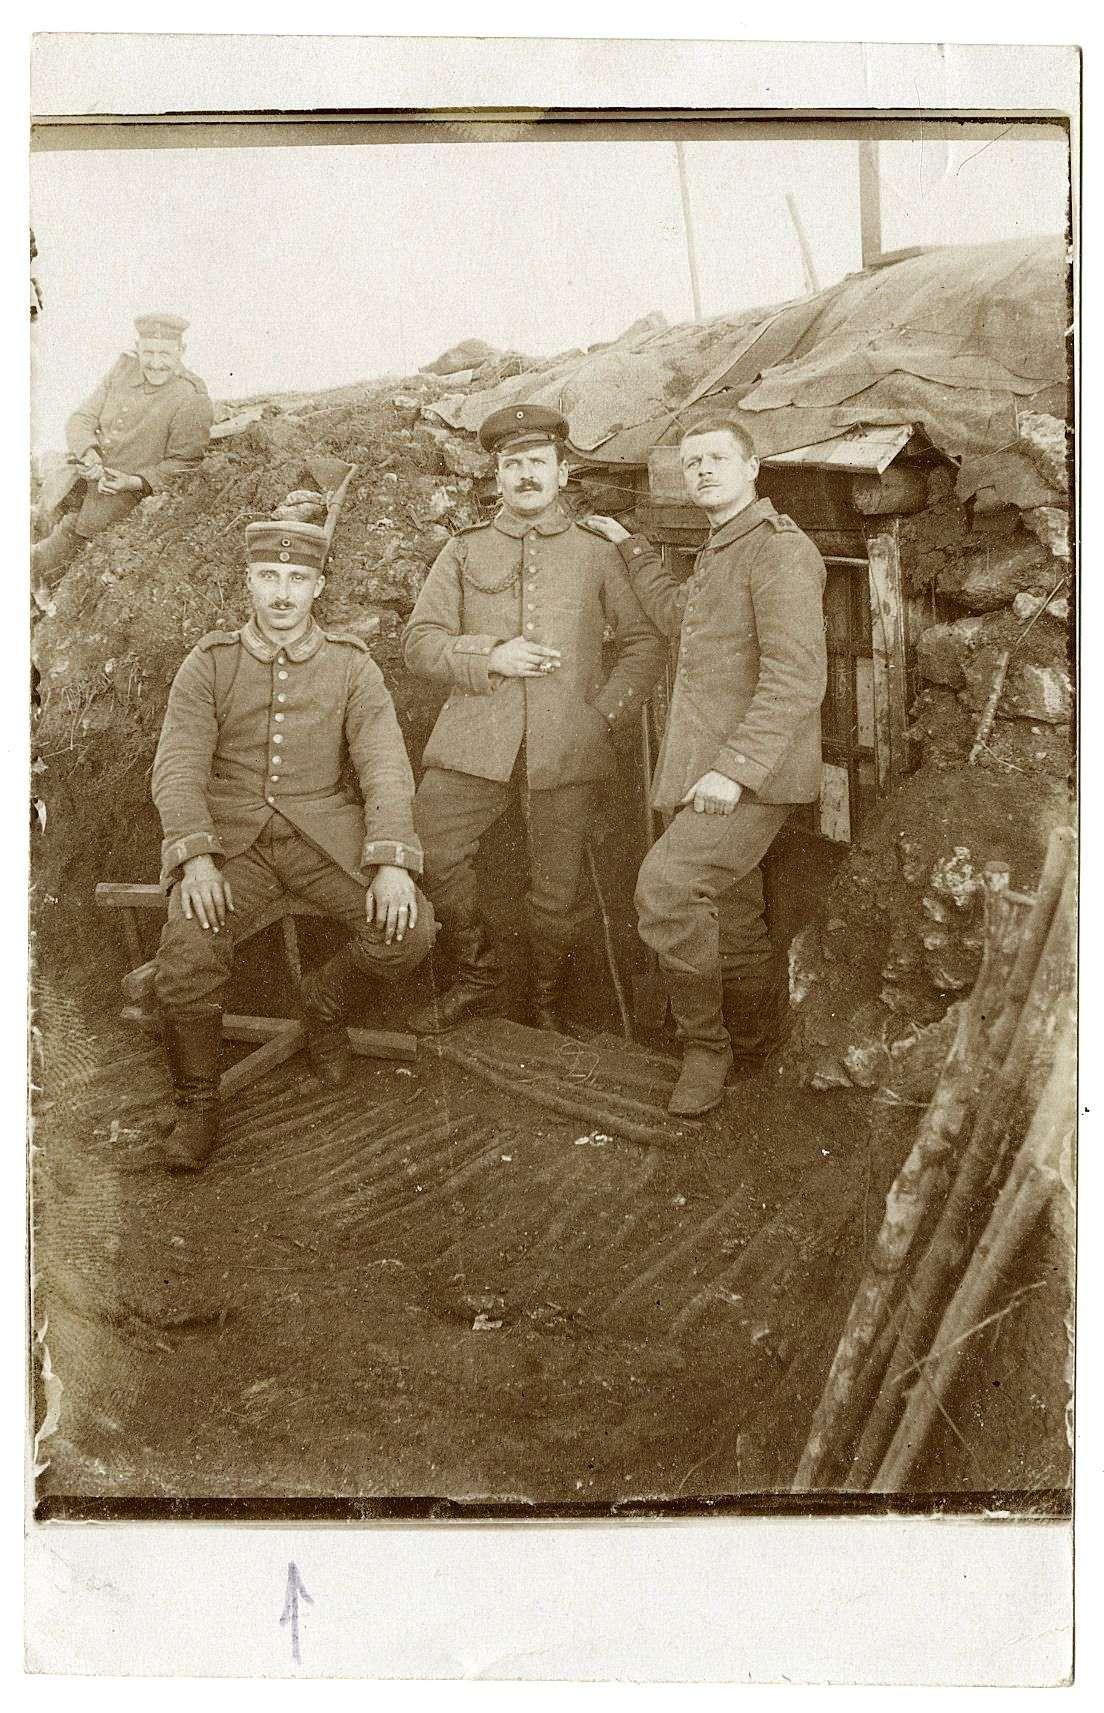 Schmid, Theodor, Bild 3